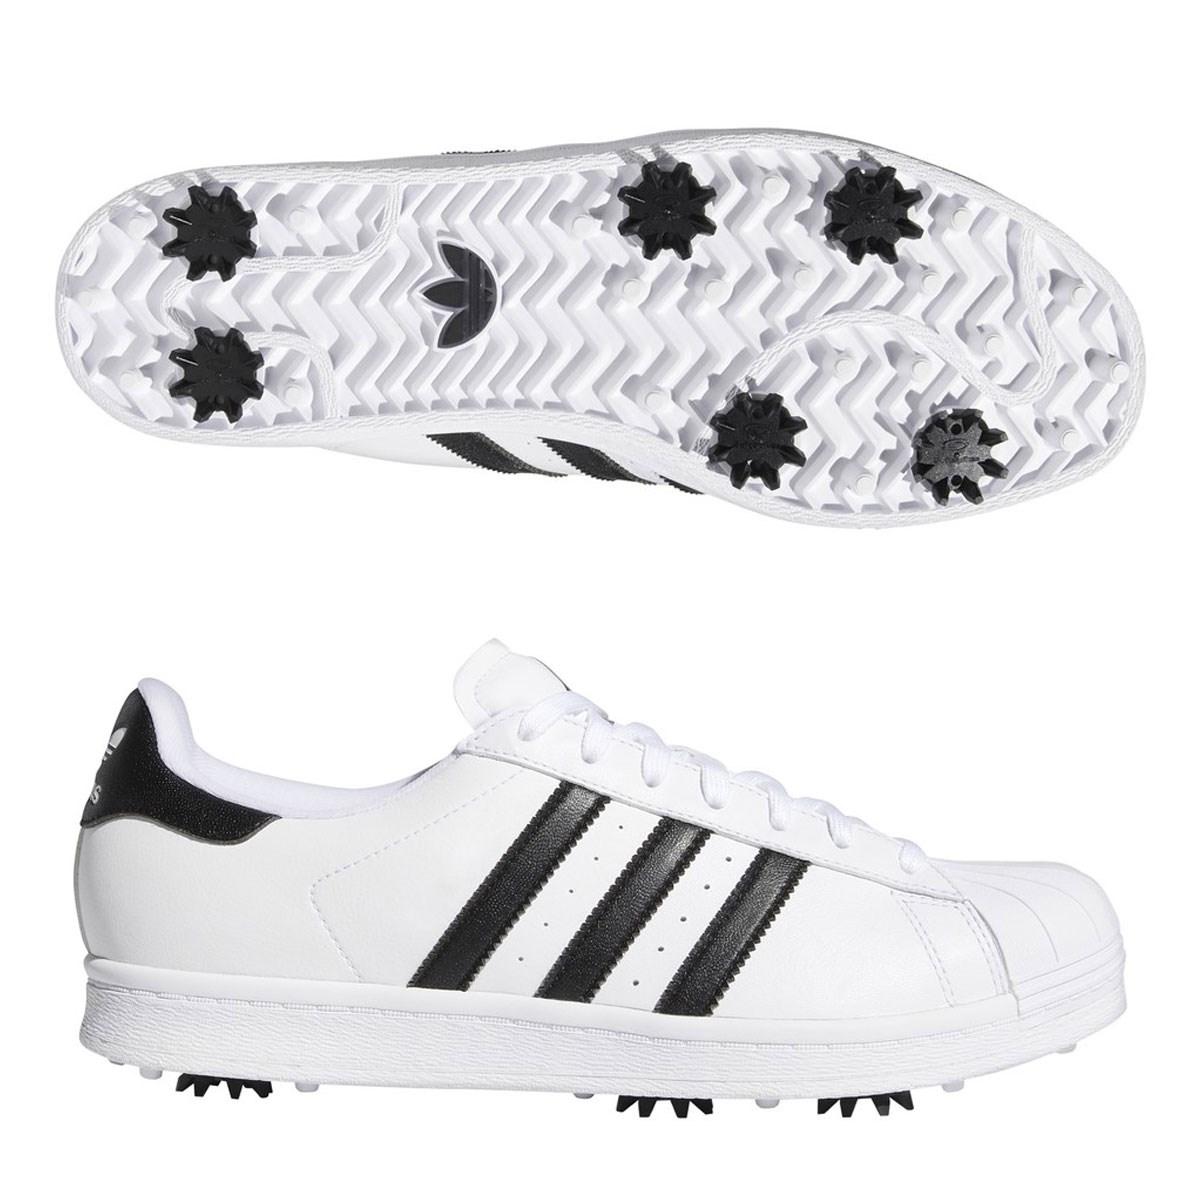 アディダス Adidas ORIGINALS SS GOLFシューズ 26.5cm フットウェアホワイト/コアブラック/ゴールドメタリック